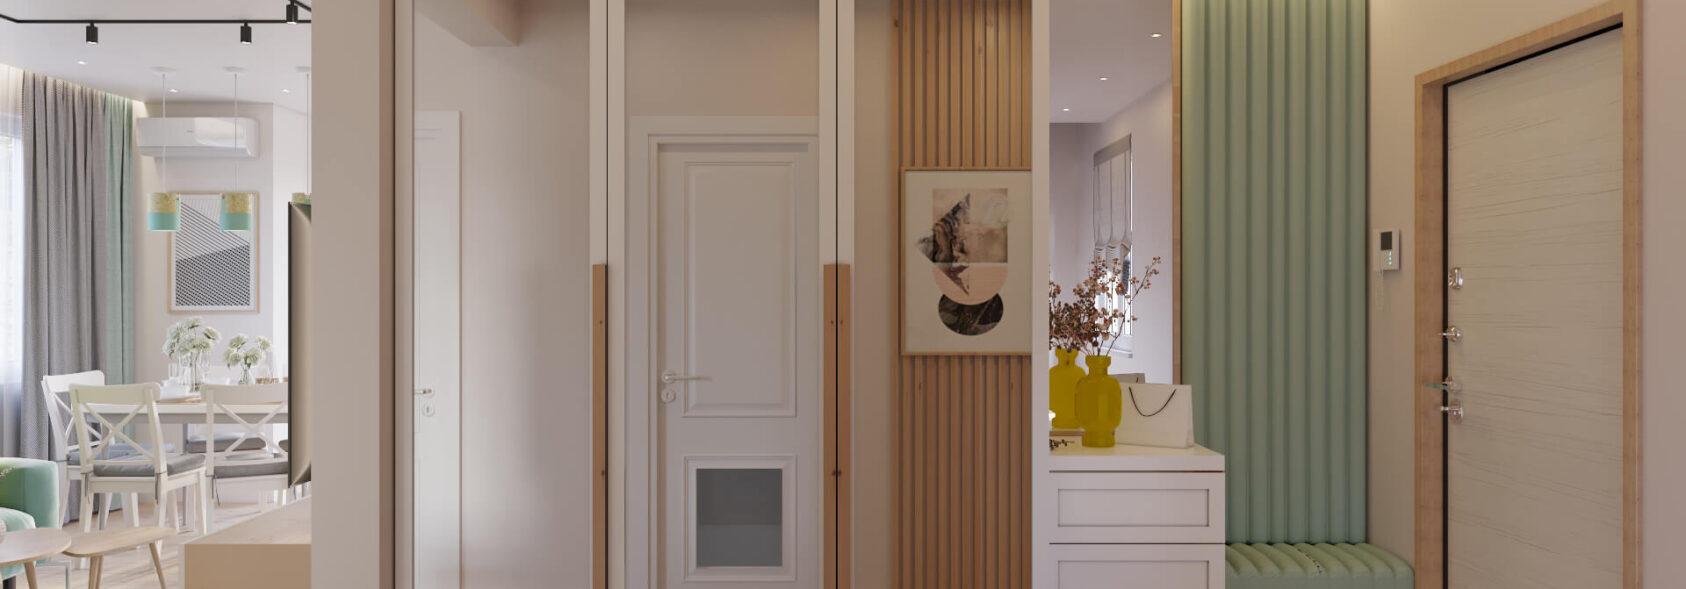 Дизайн дома Киев коридор прихожая